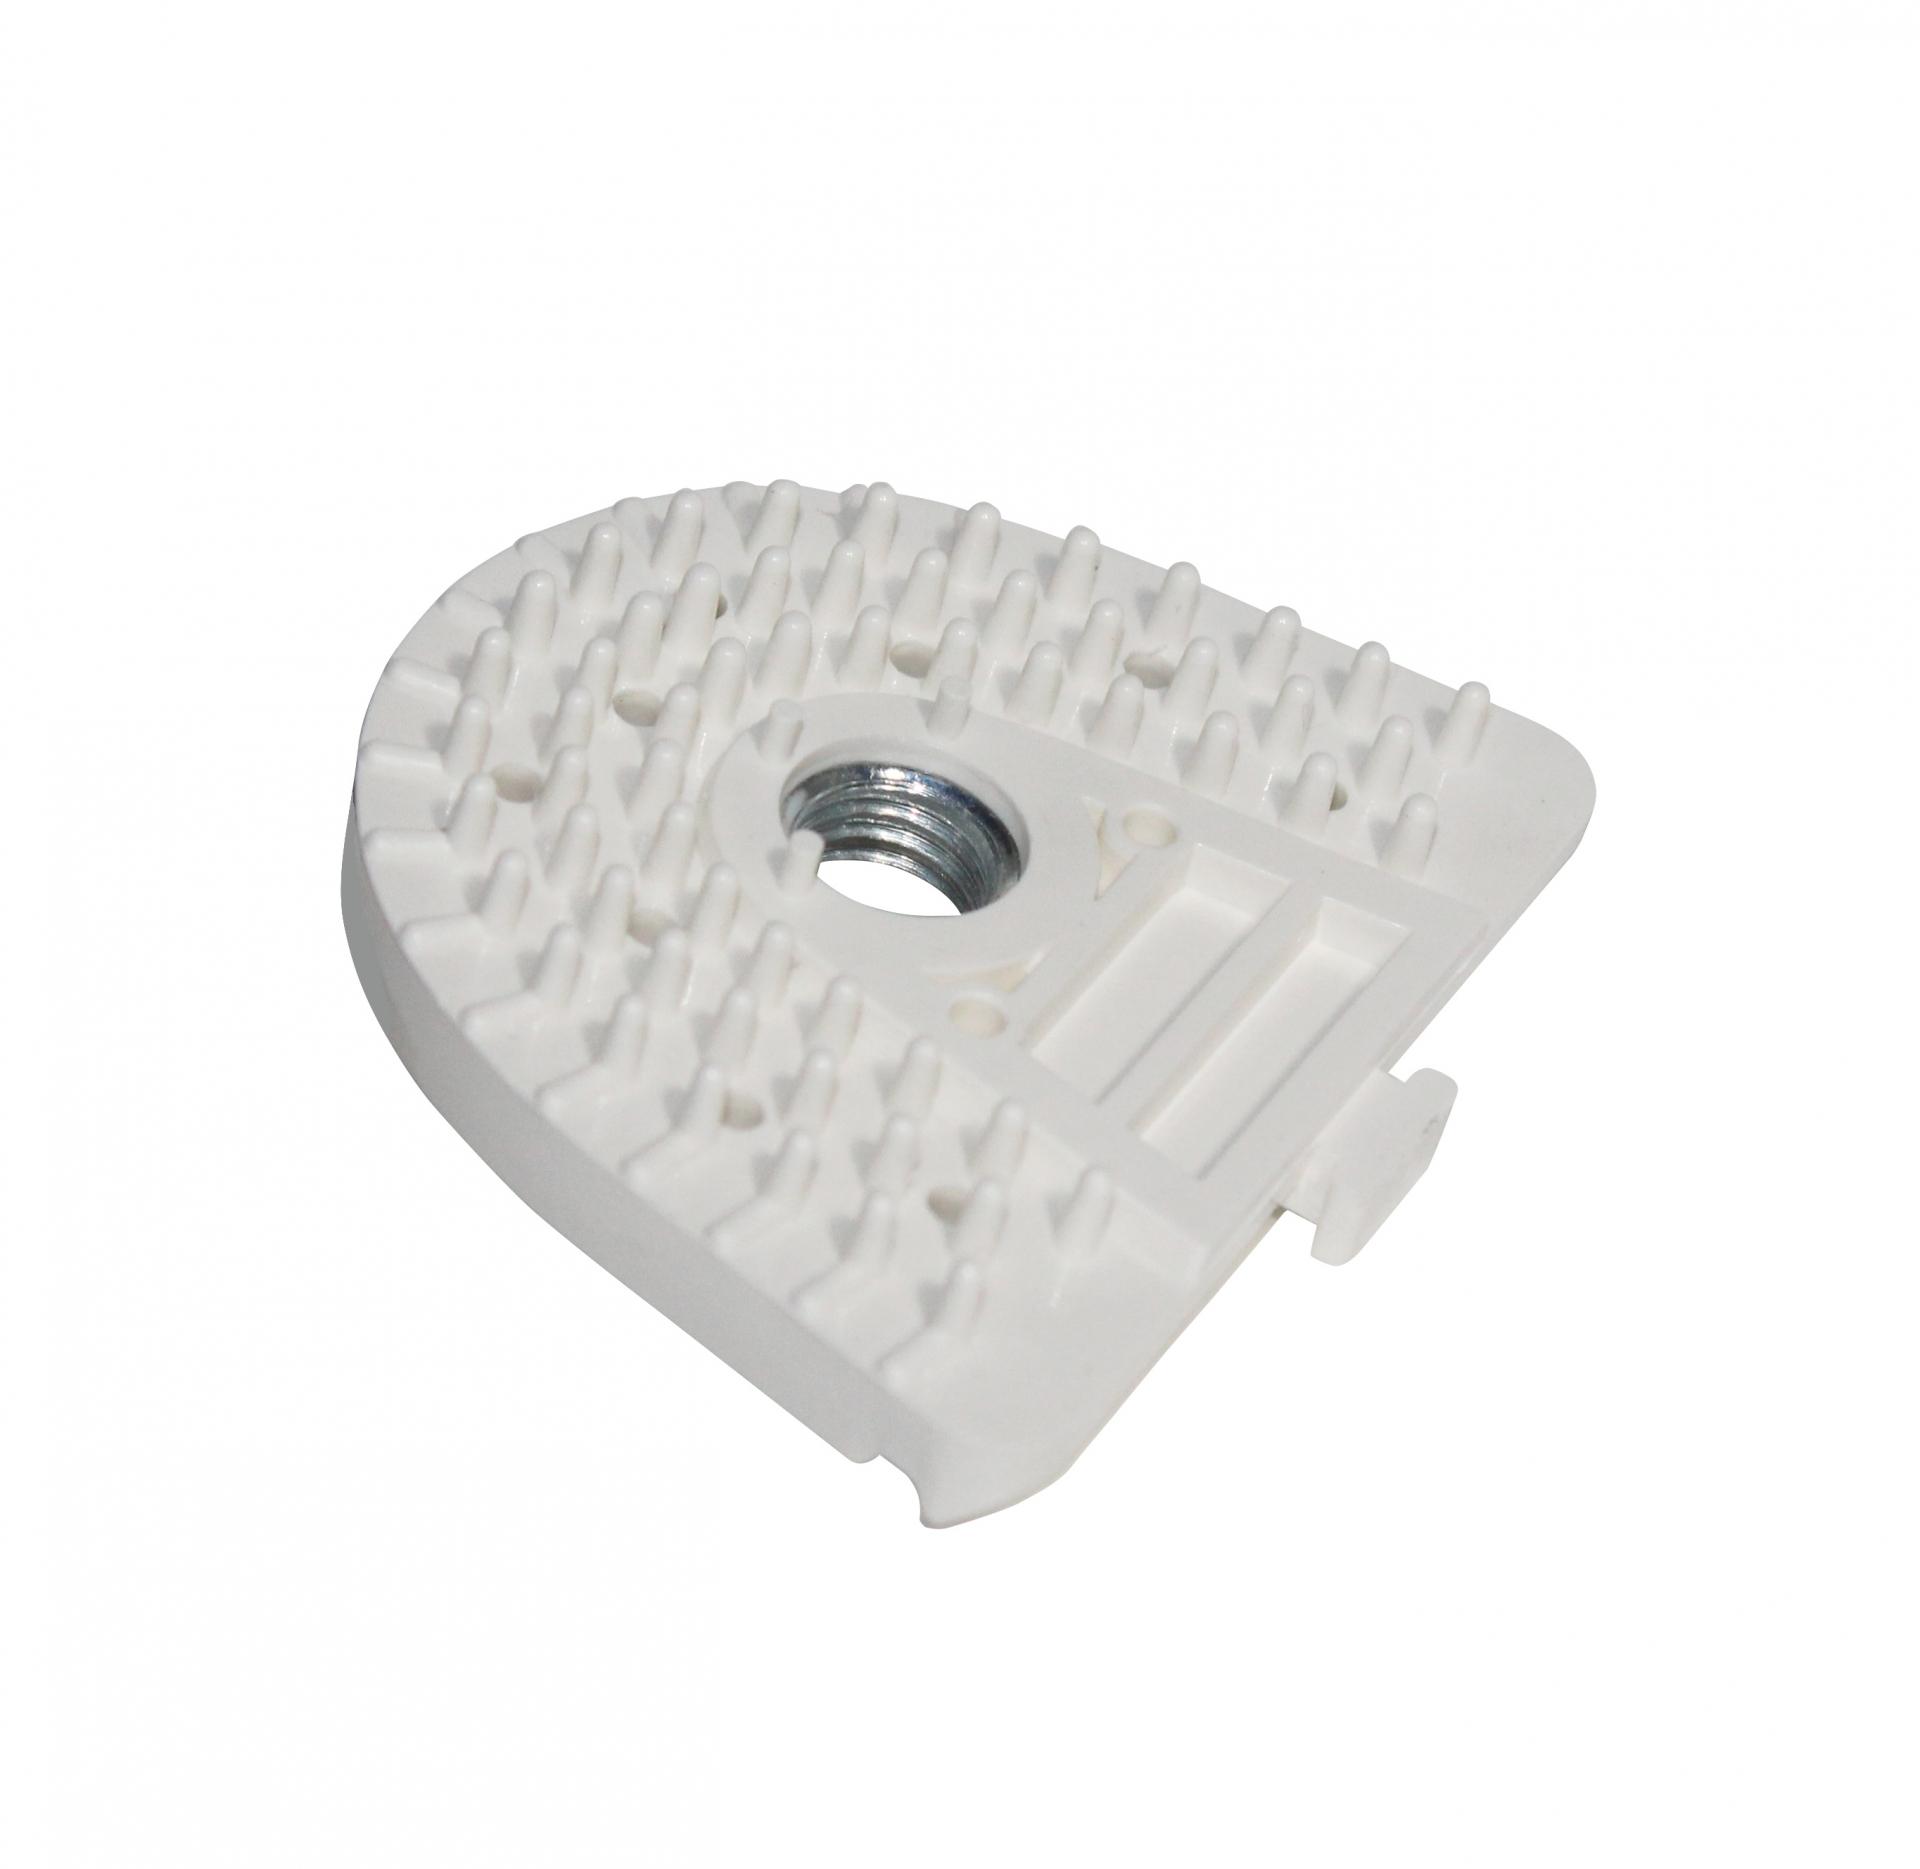 Placa base gesso arcada total (Pacote com 50 un)